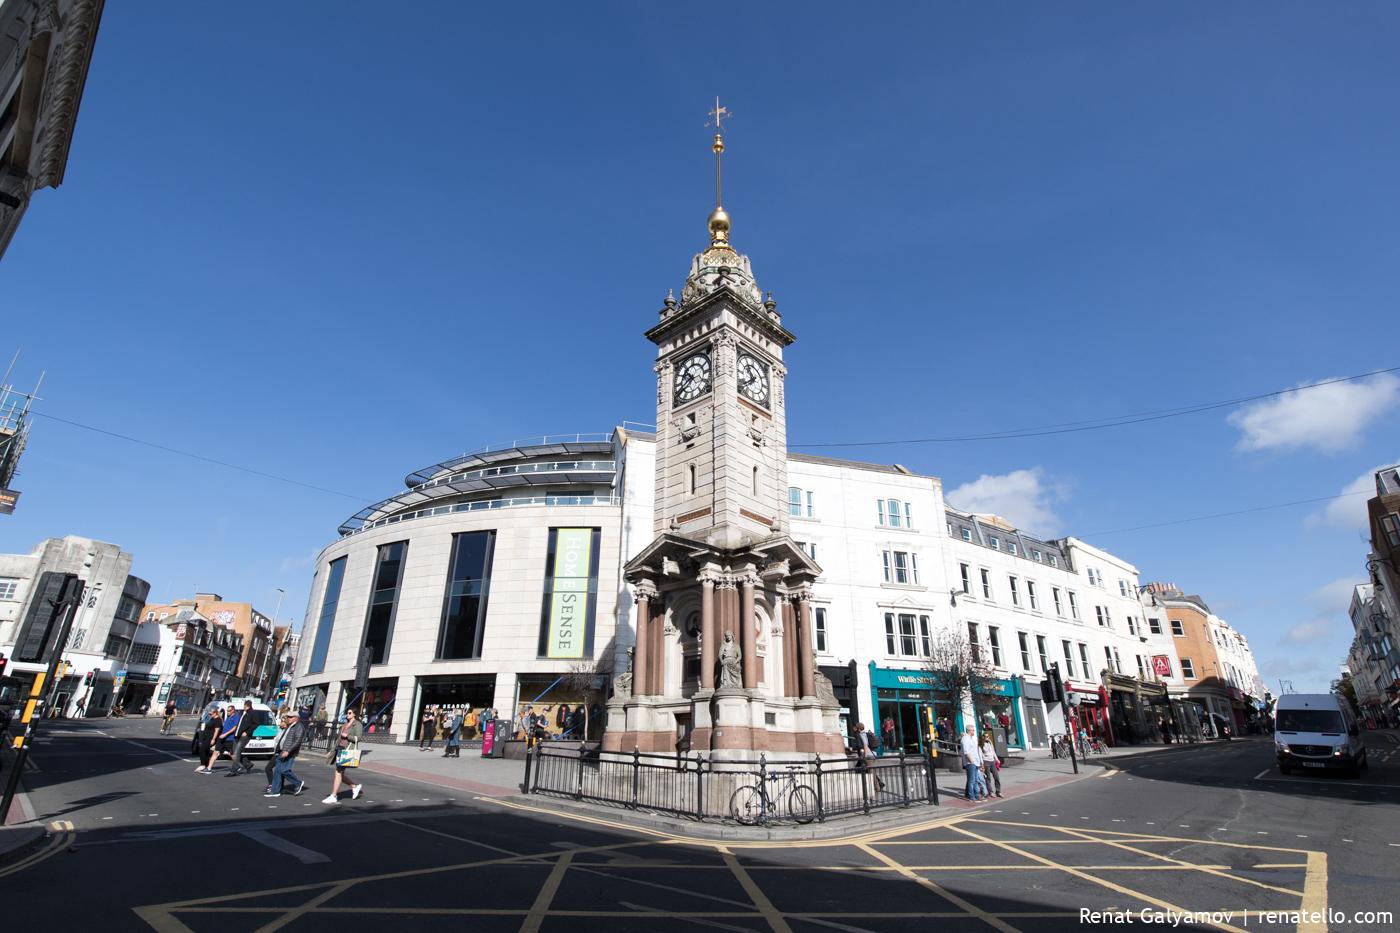 Jubilee Clock Tower in Brighton.